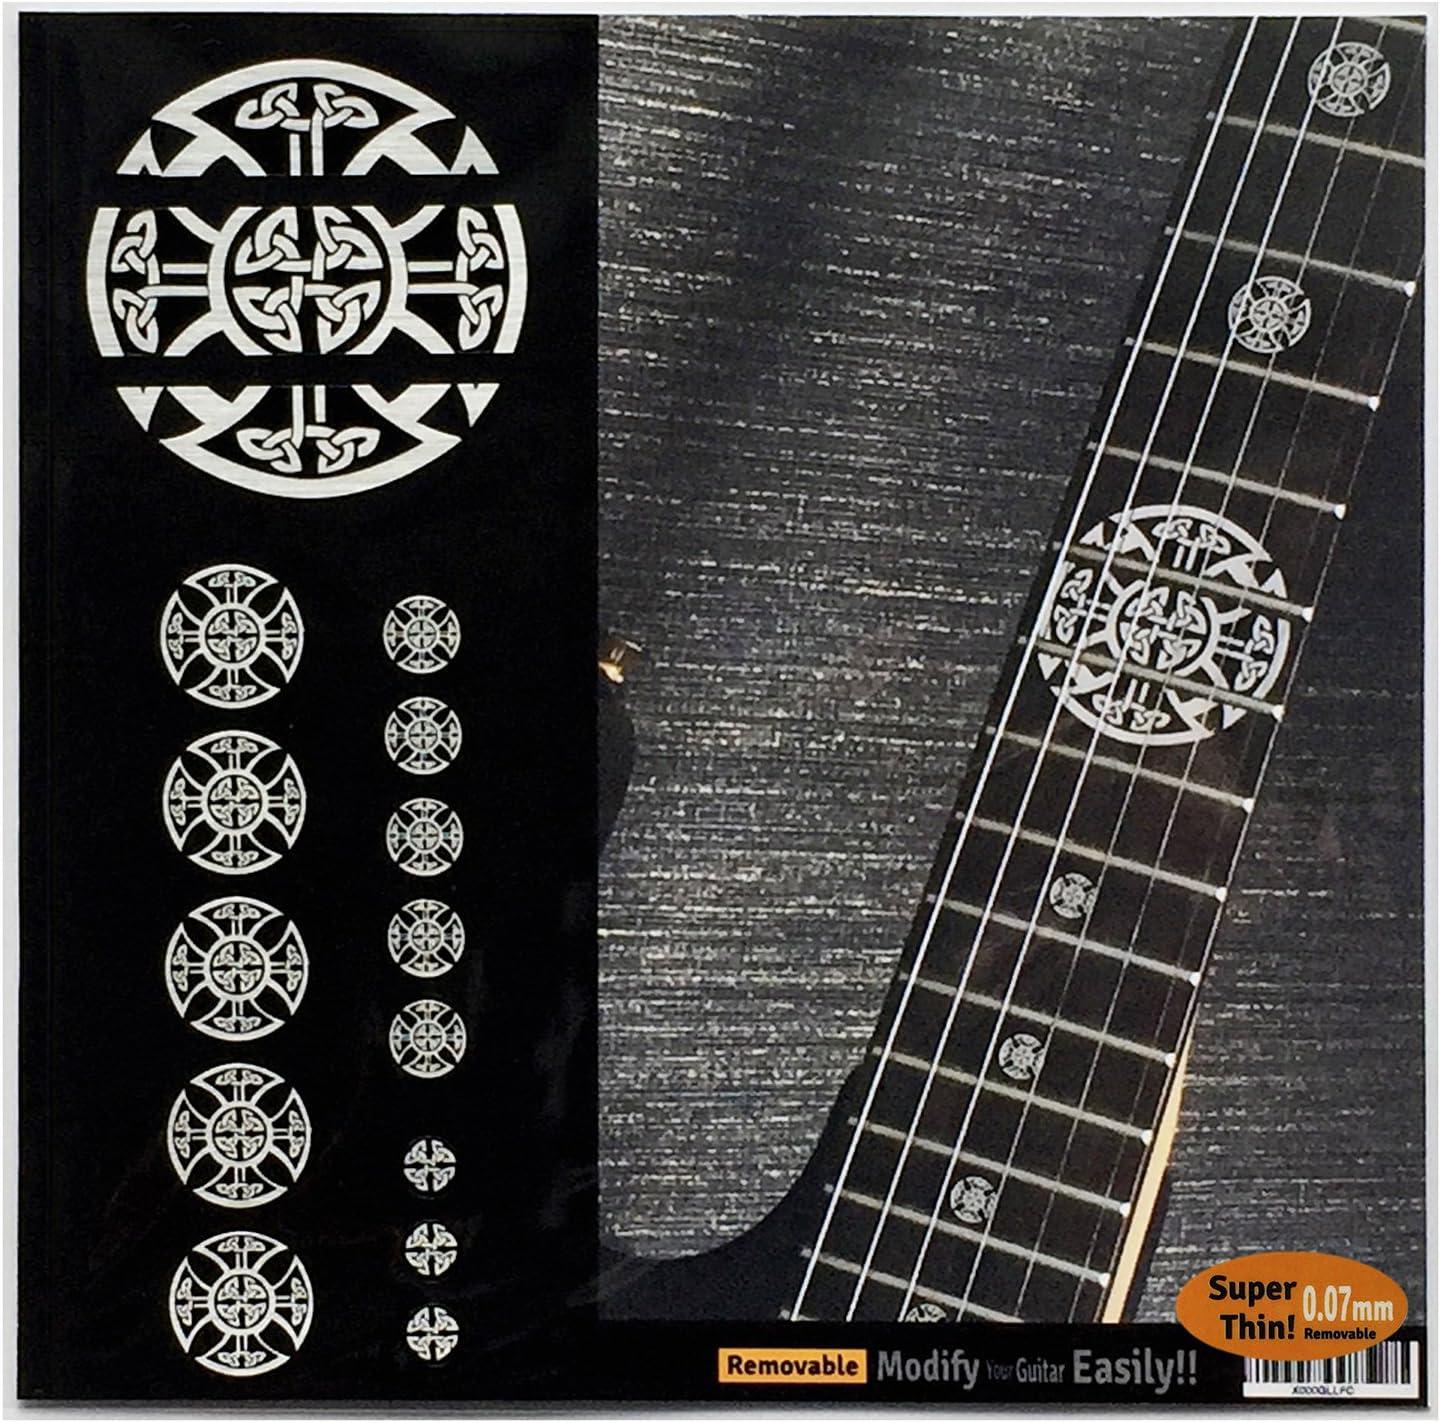 Emblema 12 marcadores de trastes en incrustaciones metálicas, calcomanía para guitarra, cruz celta